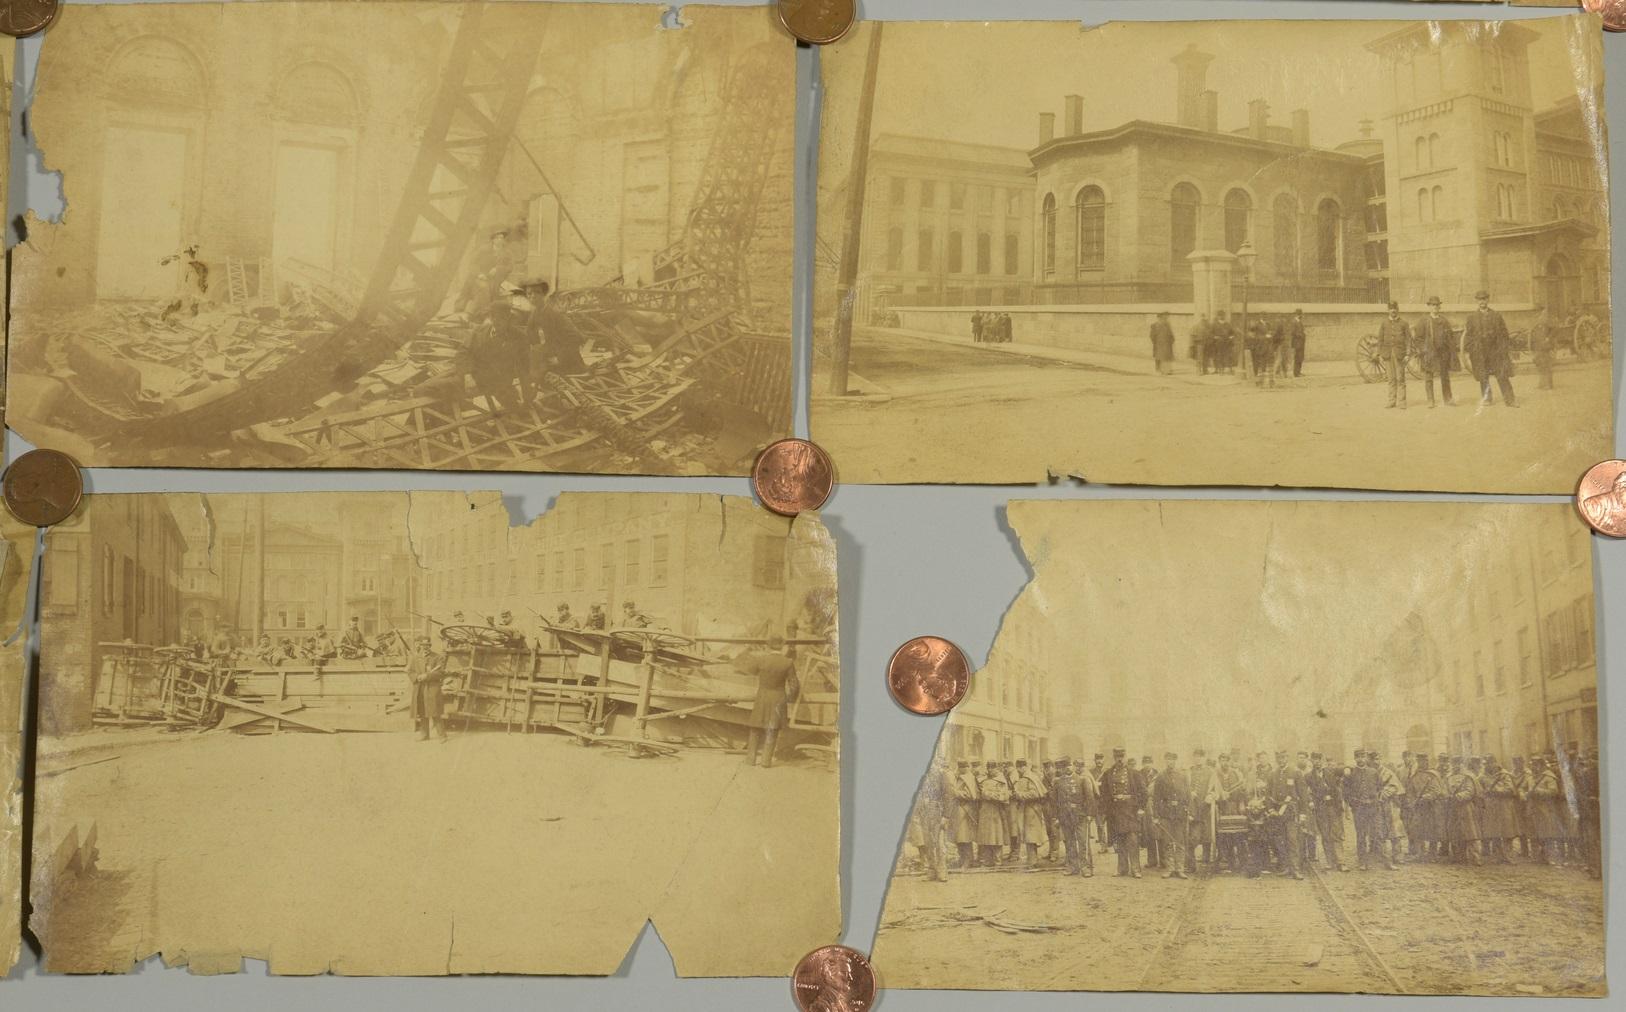 Cincinnati_riots_of_1884_4.jpg